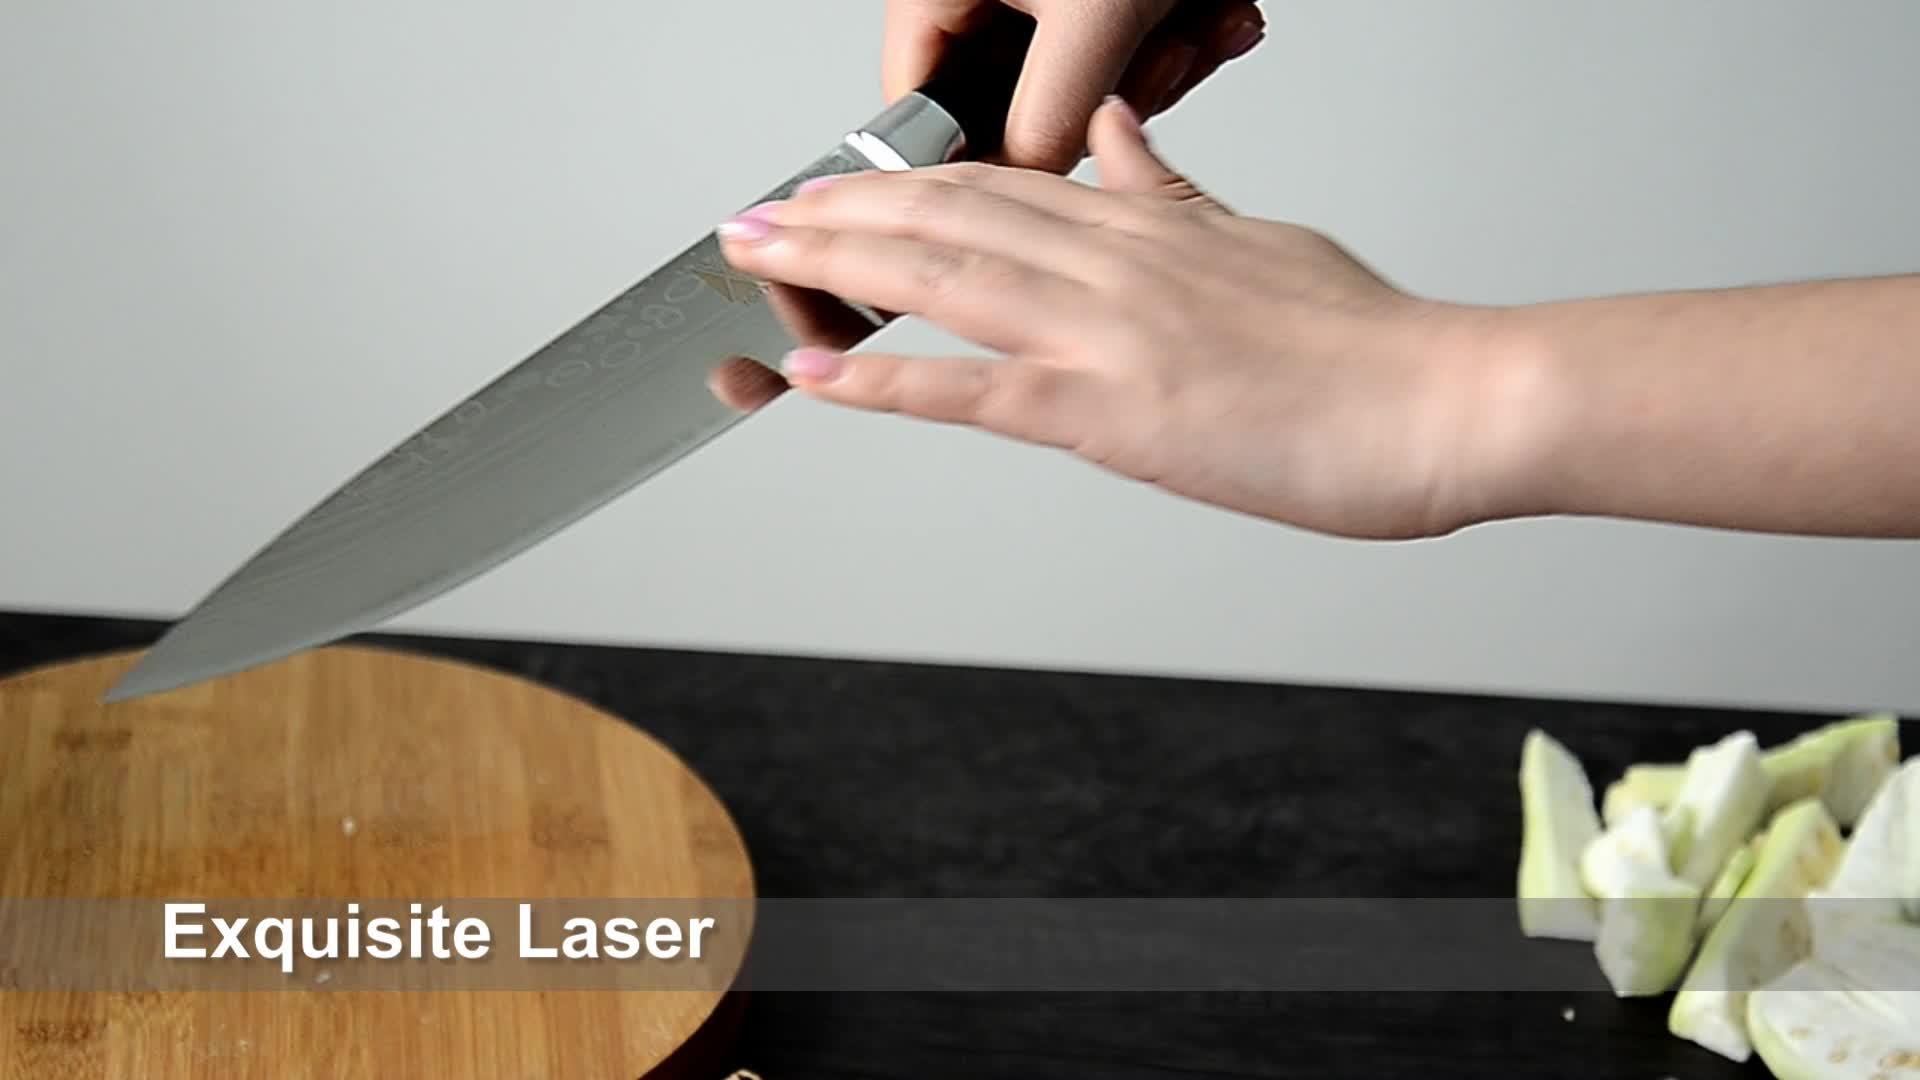 Dương giang laser Damascus veins phong cách Nhật Bản 7Cr17mov carbon thép không gỉ 7 inch cleaver dao nhà bếp với dao vỏ bọc